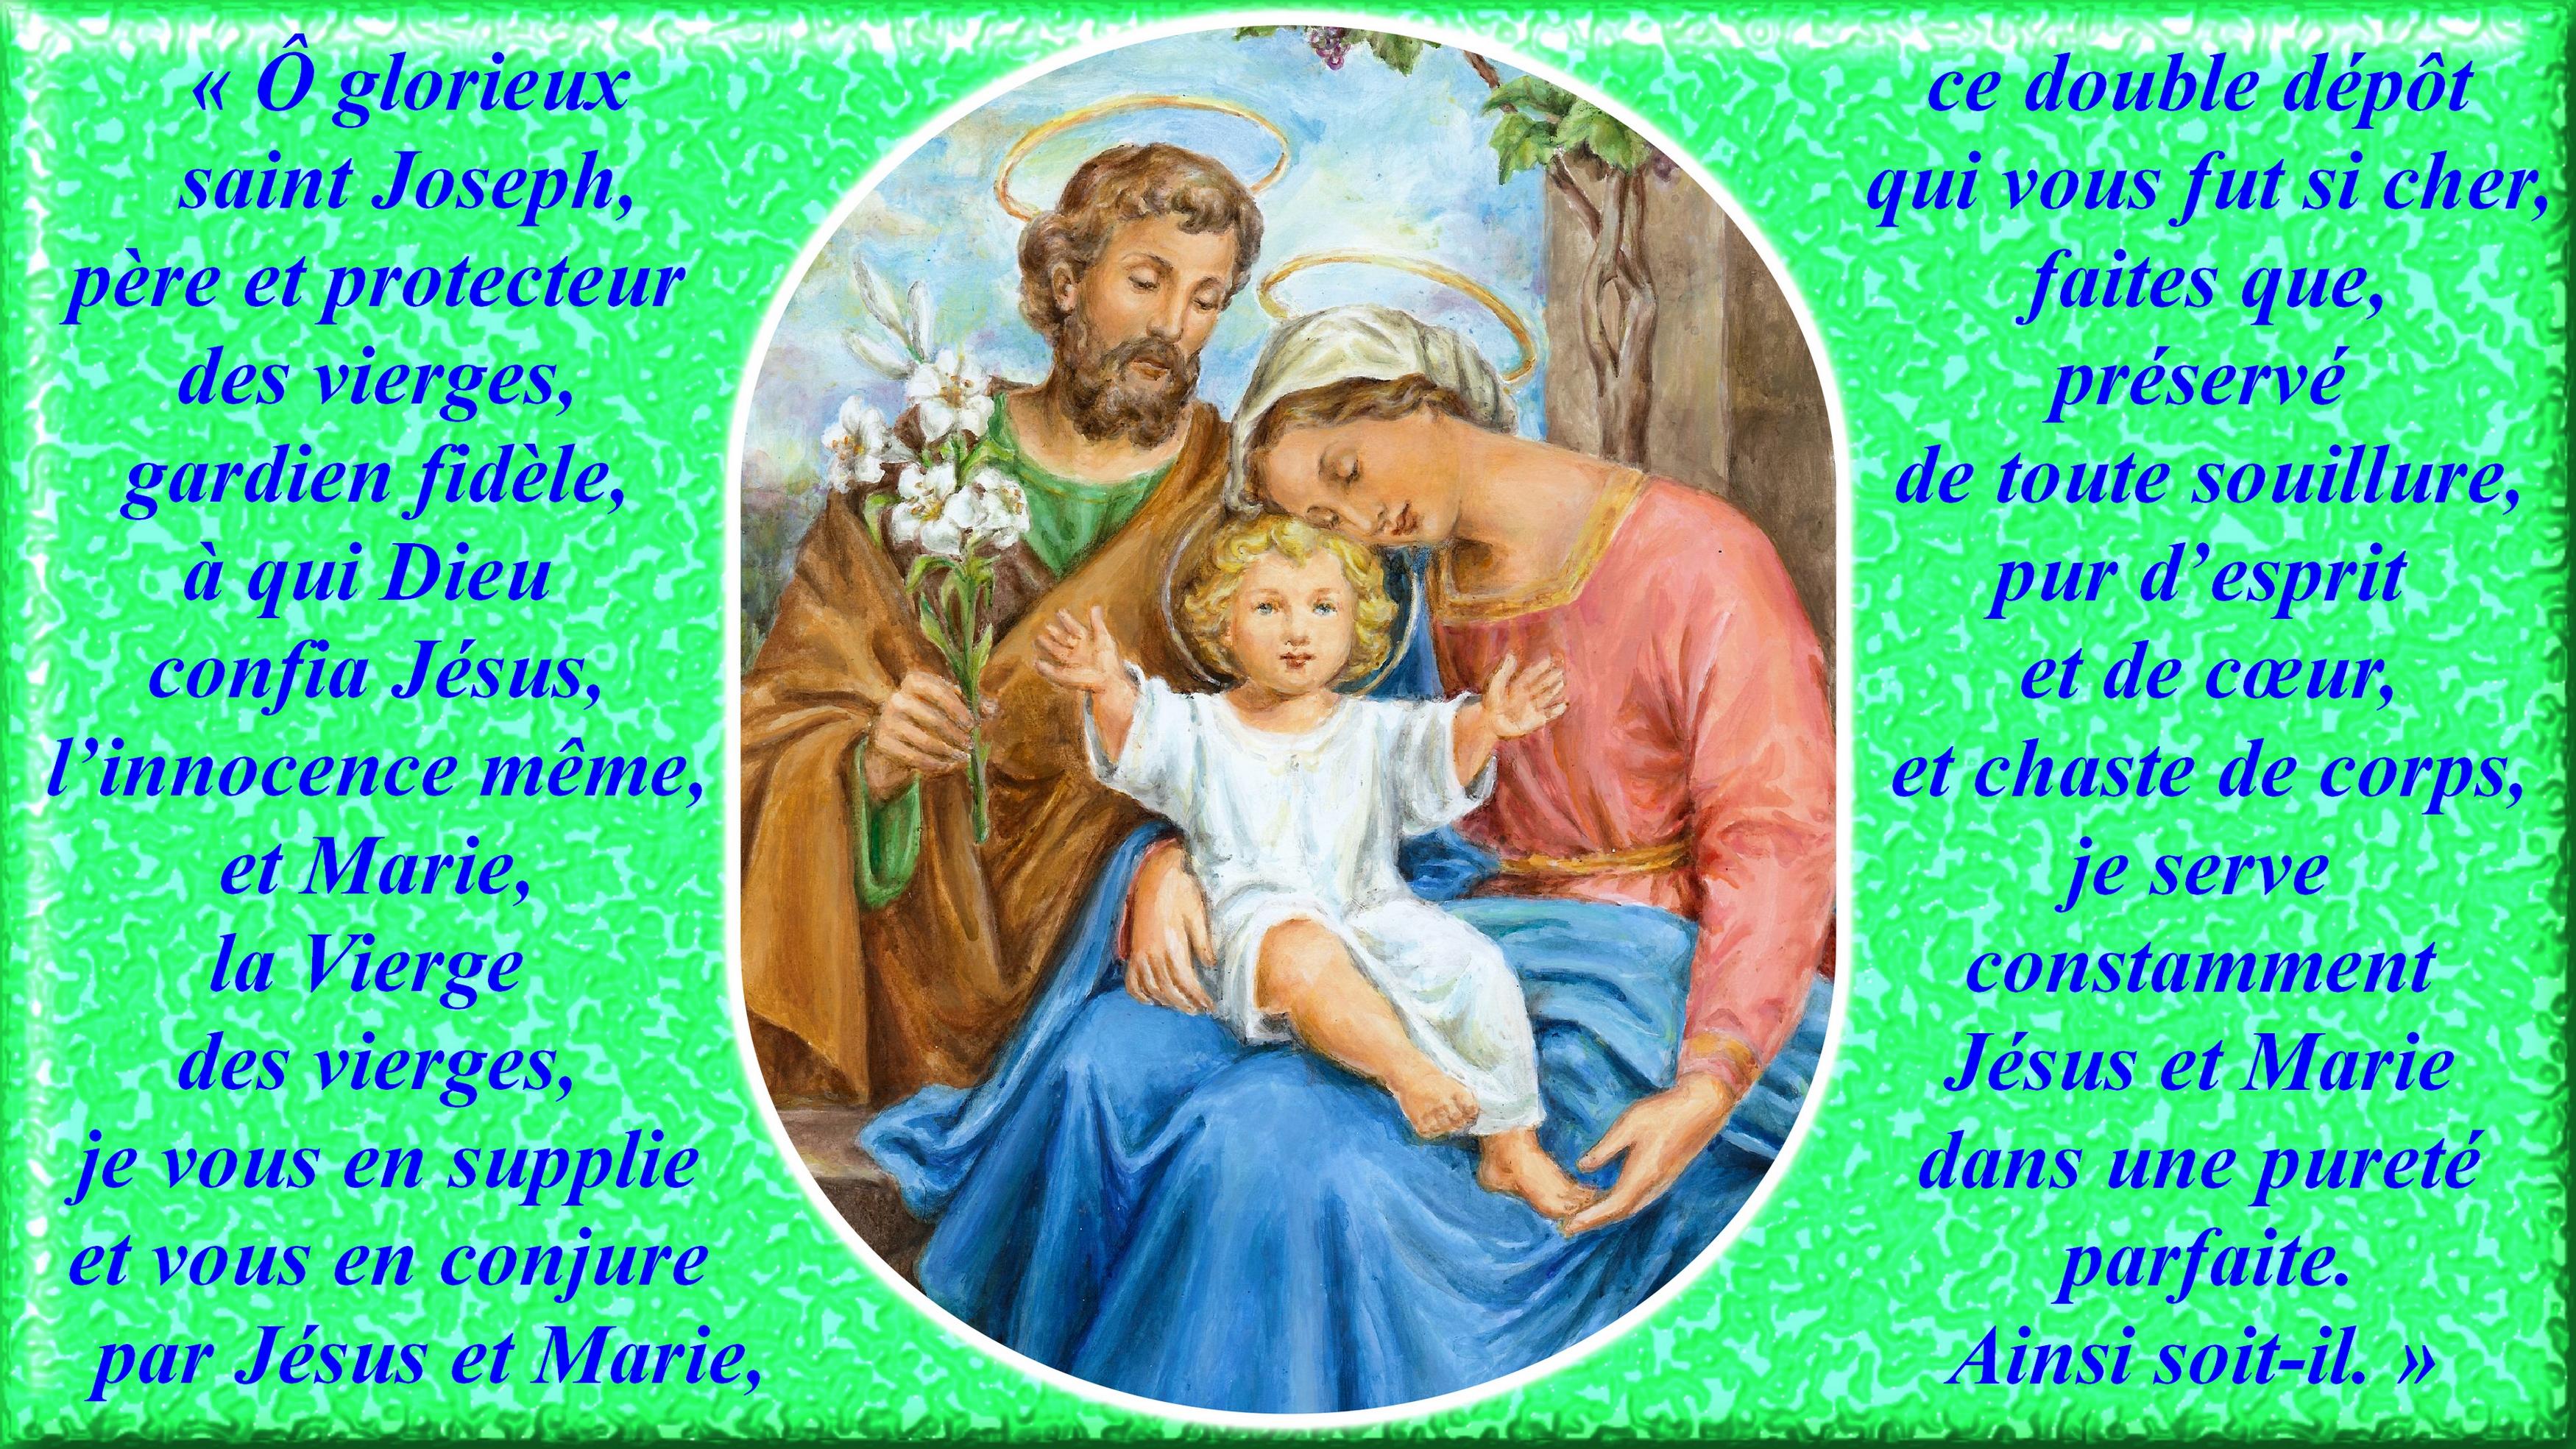 CALENDRIER CATHOLIQUE 2020 (Cantiques, Prières & Images) - Page 8 St-joseph-p-re-et...-vierges-557a652